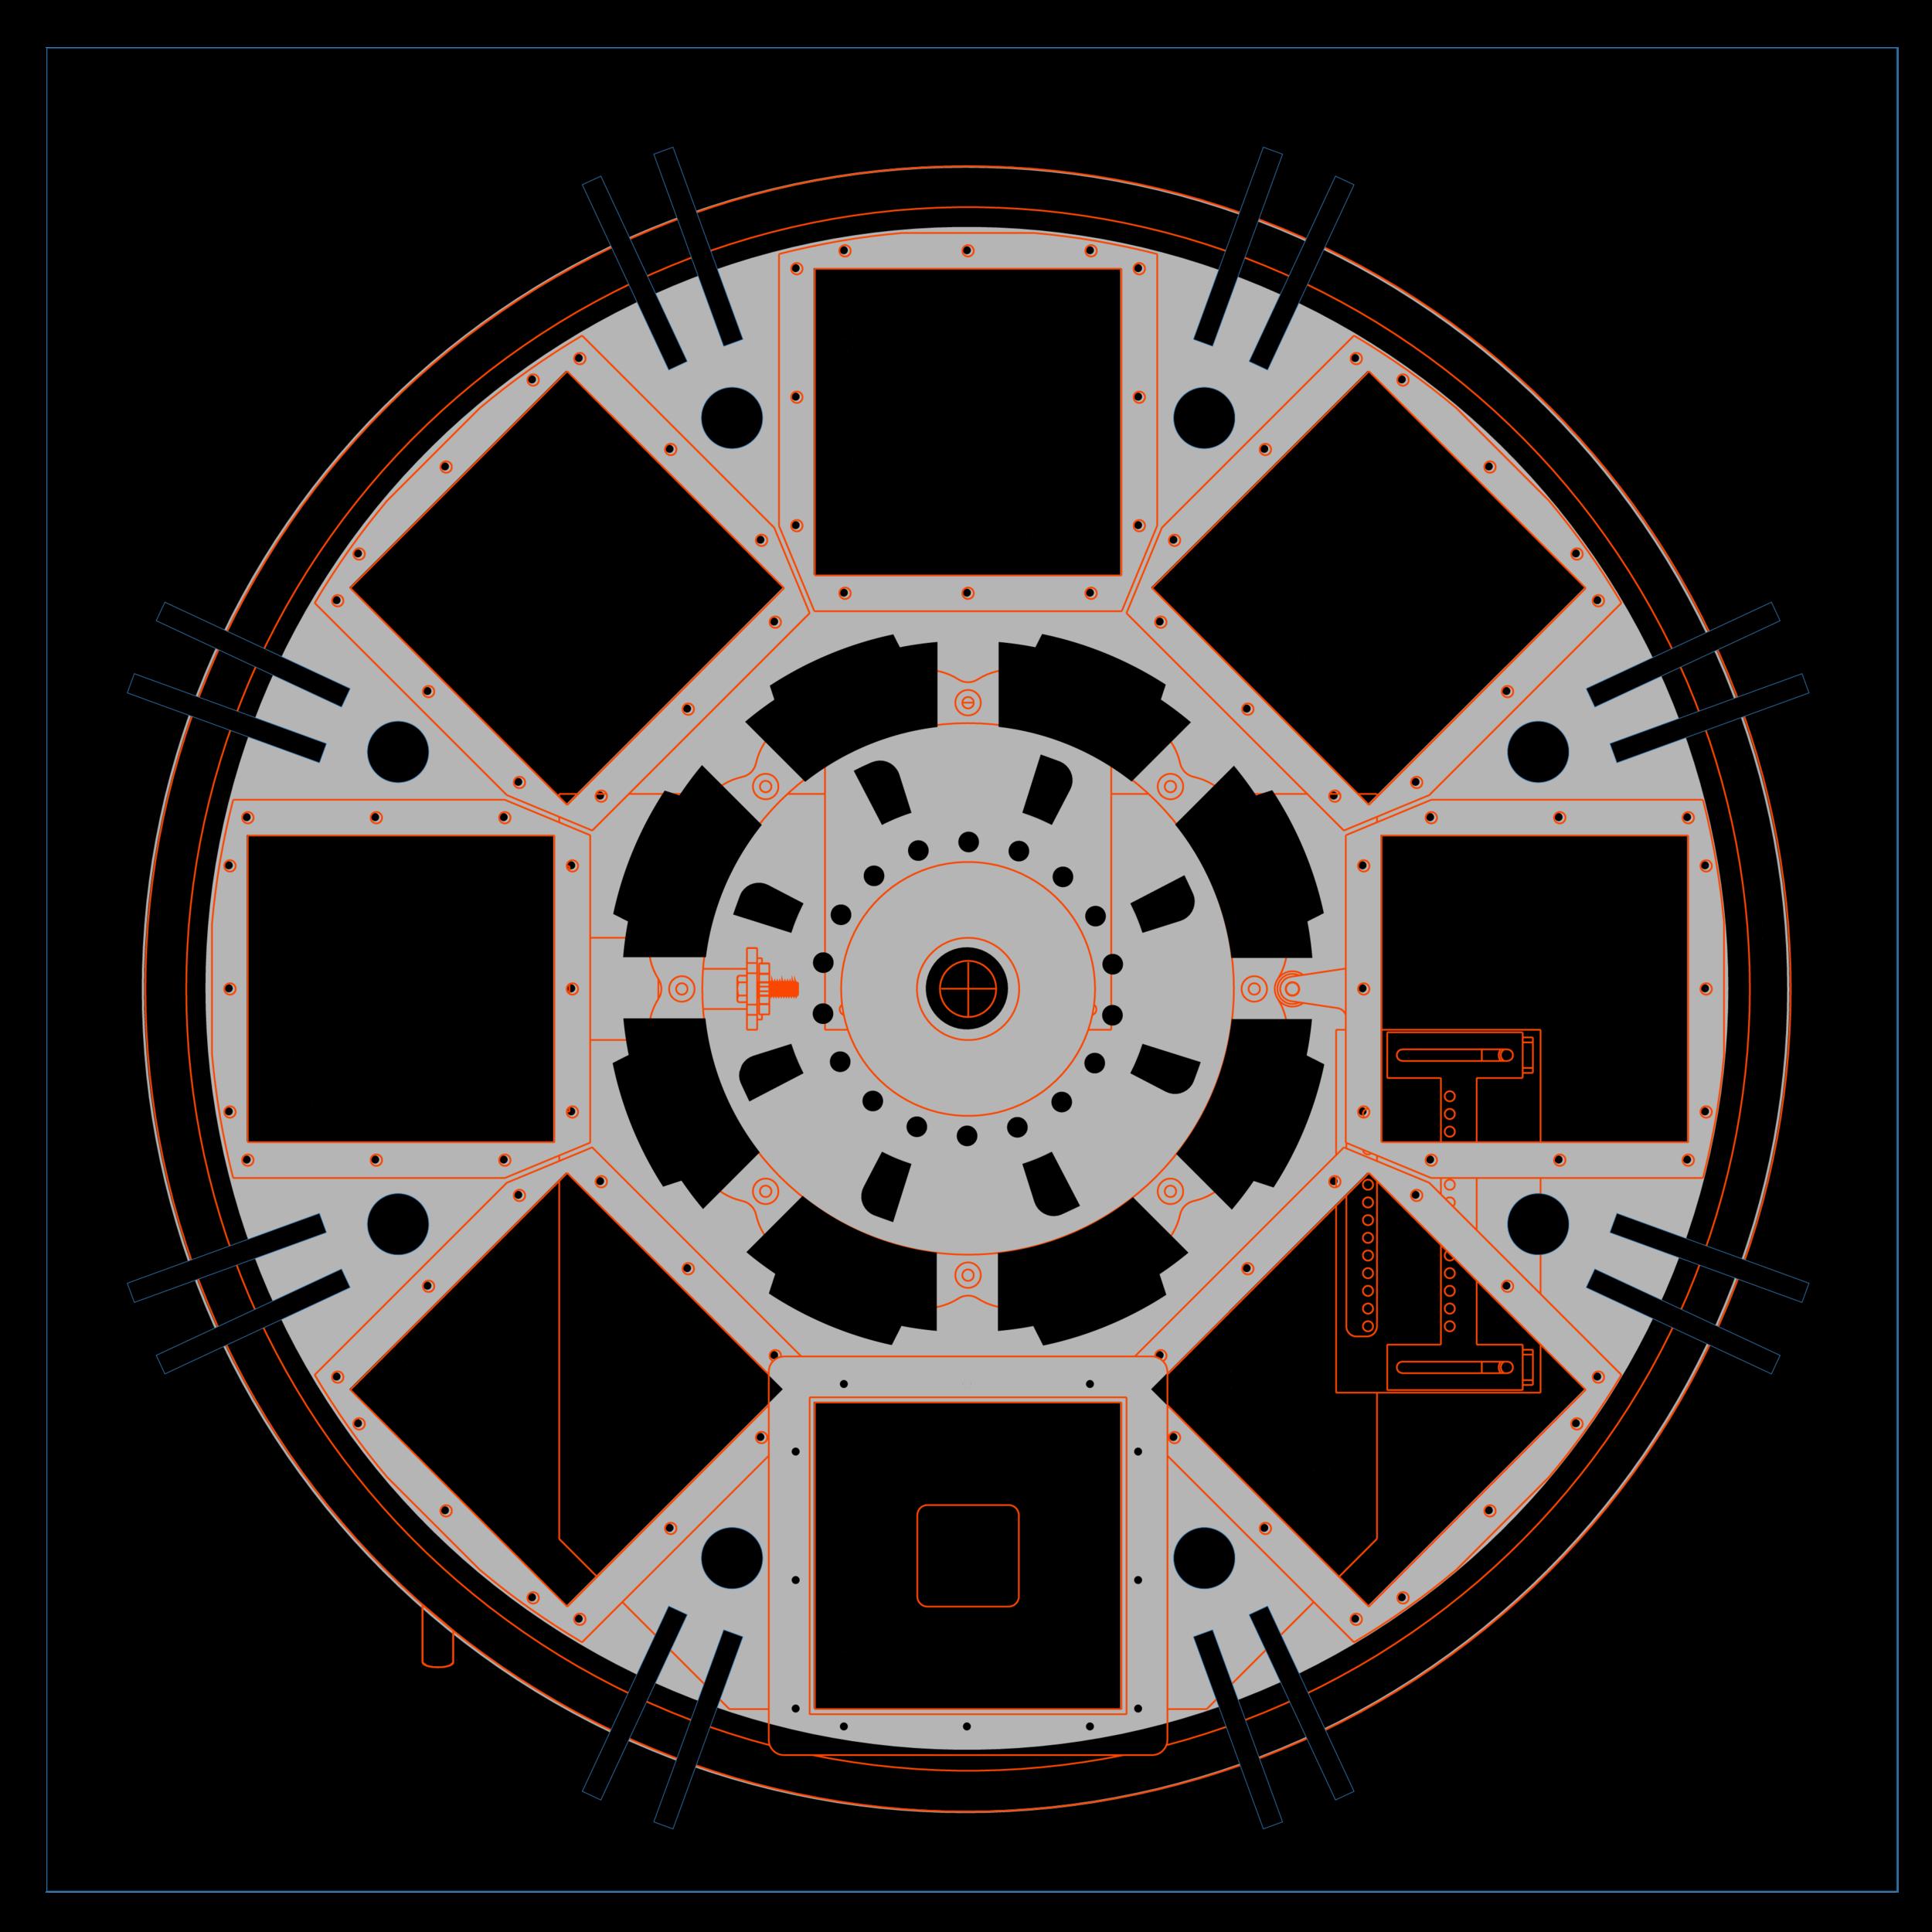 CABOT-decoupe-metal-24juin-3-01.png